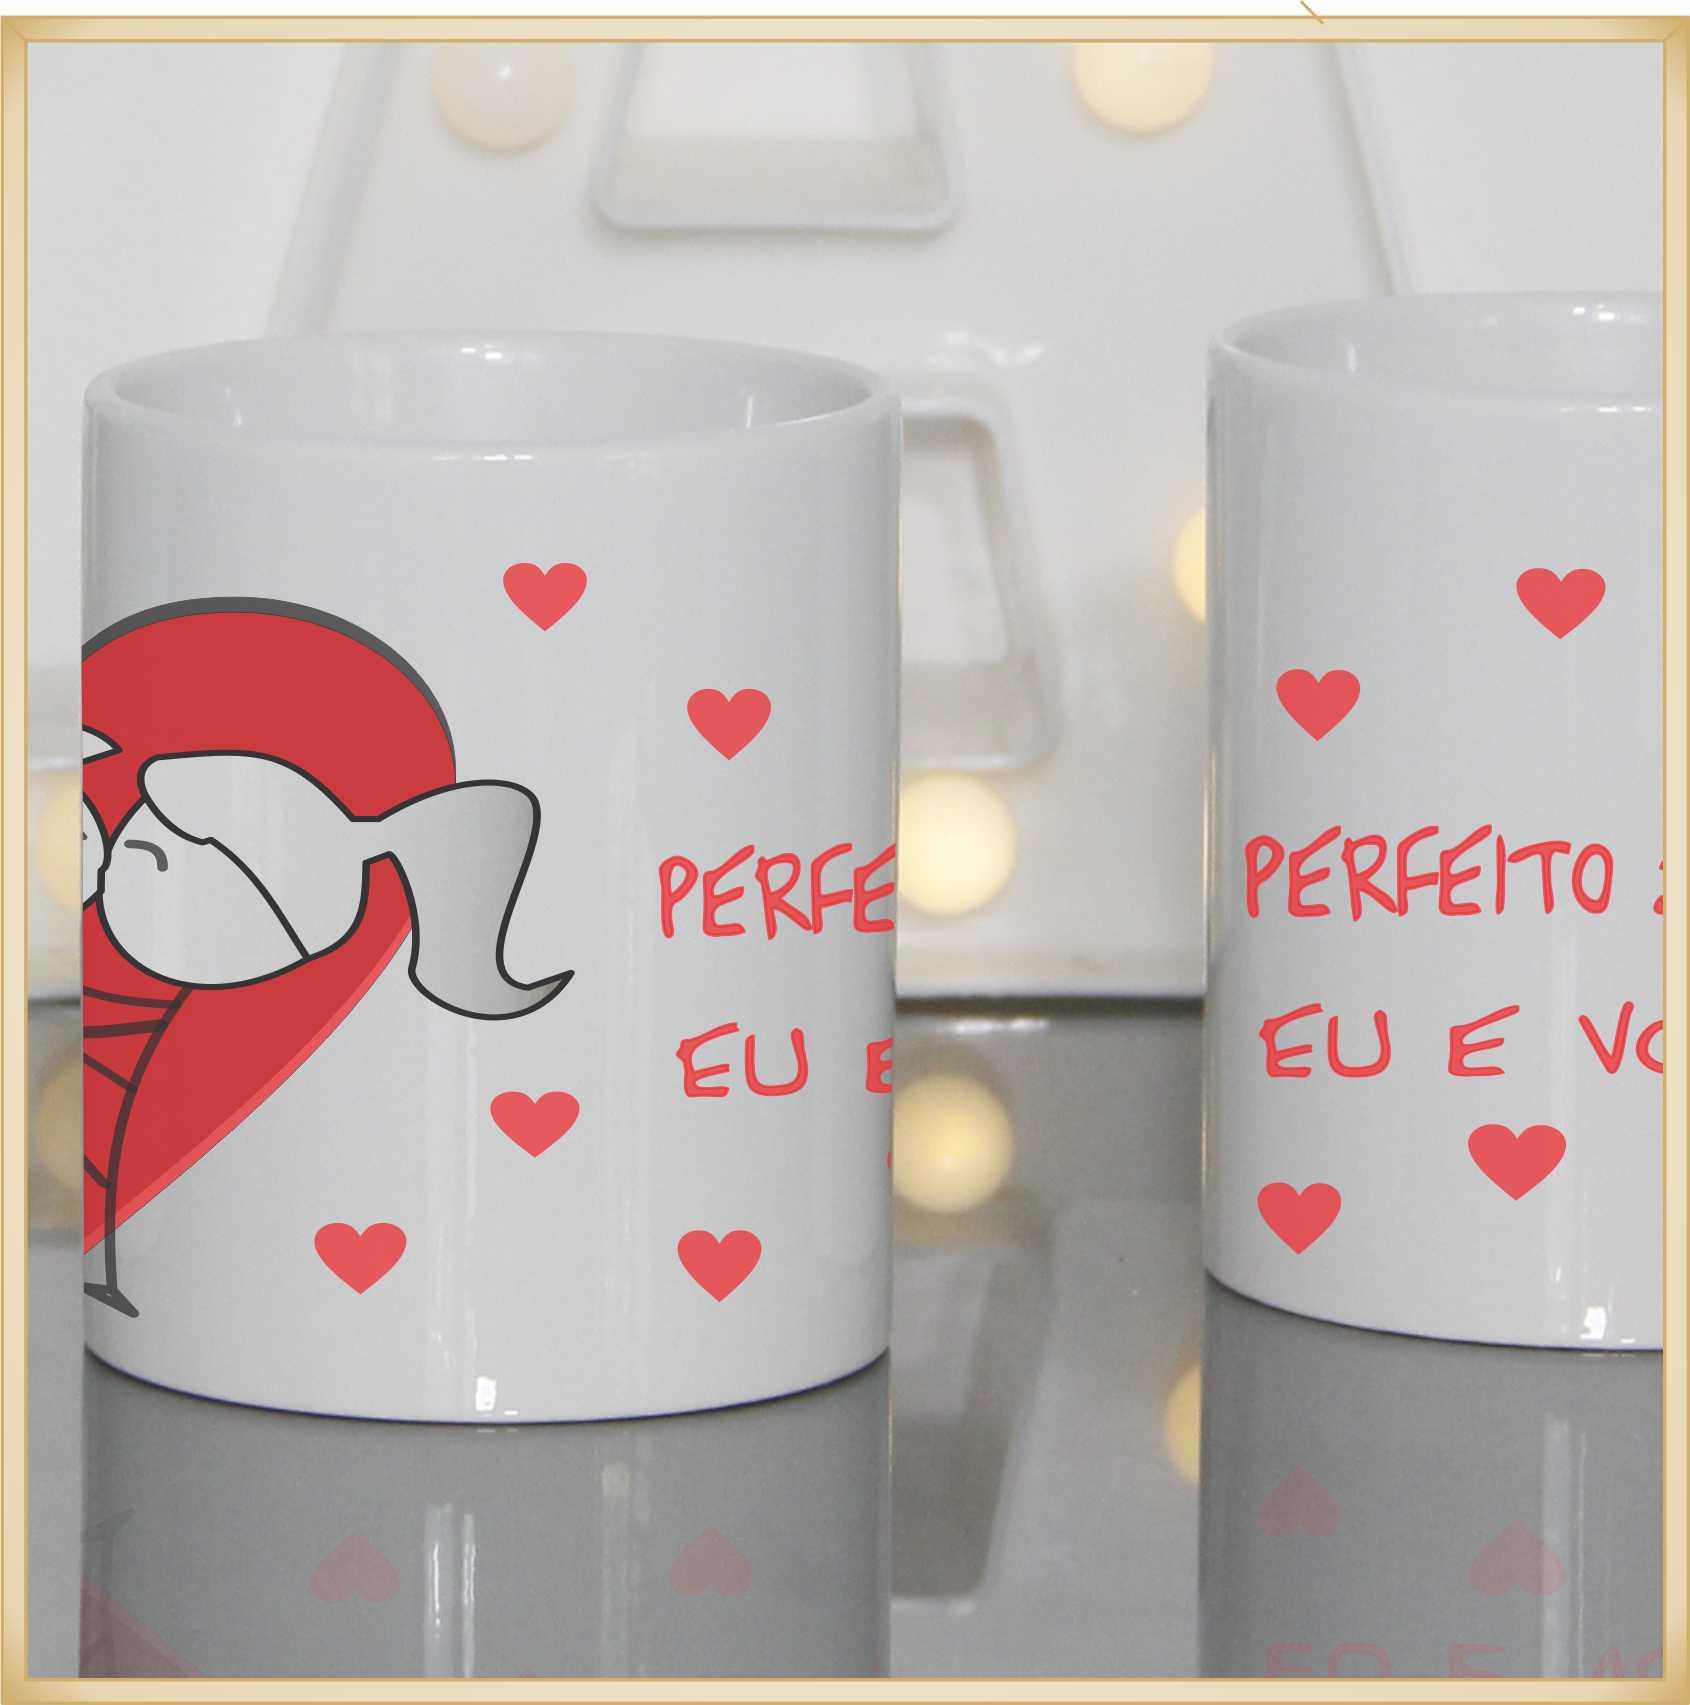 Caneca personalizada para Namorados Perfeito somos Eu e Você